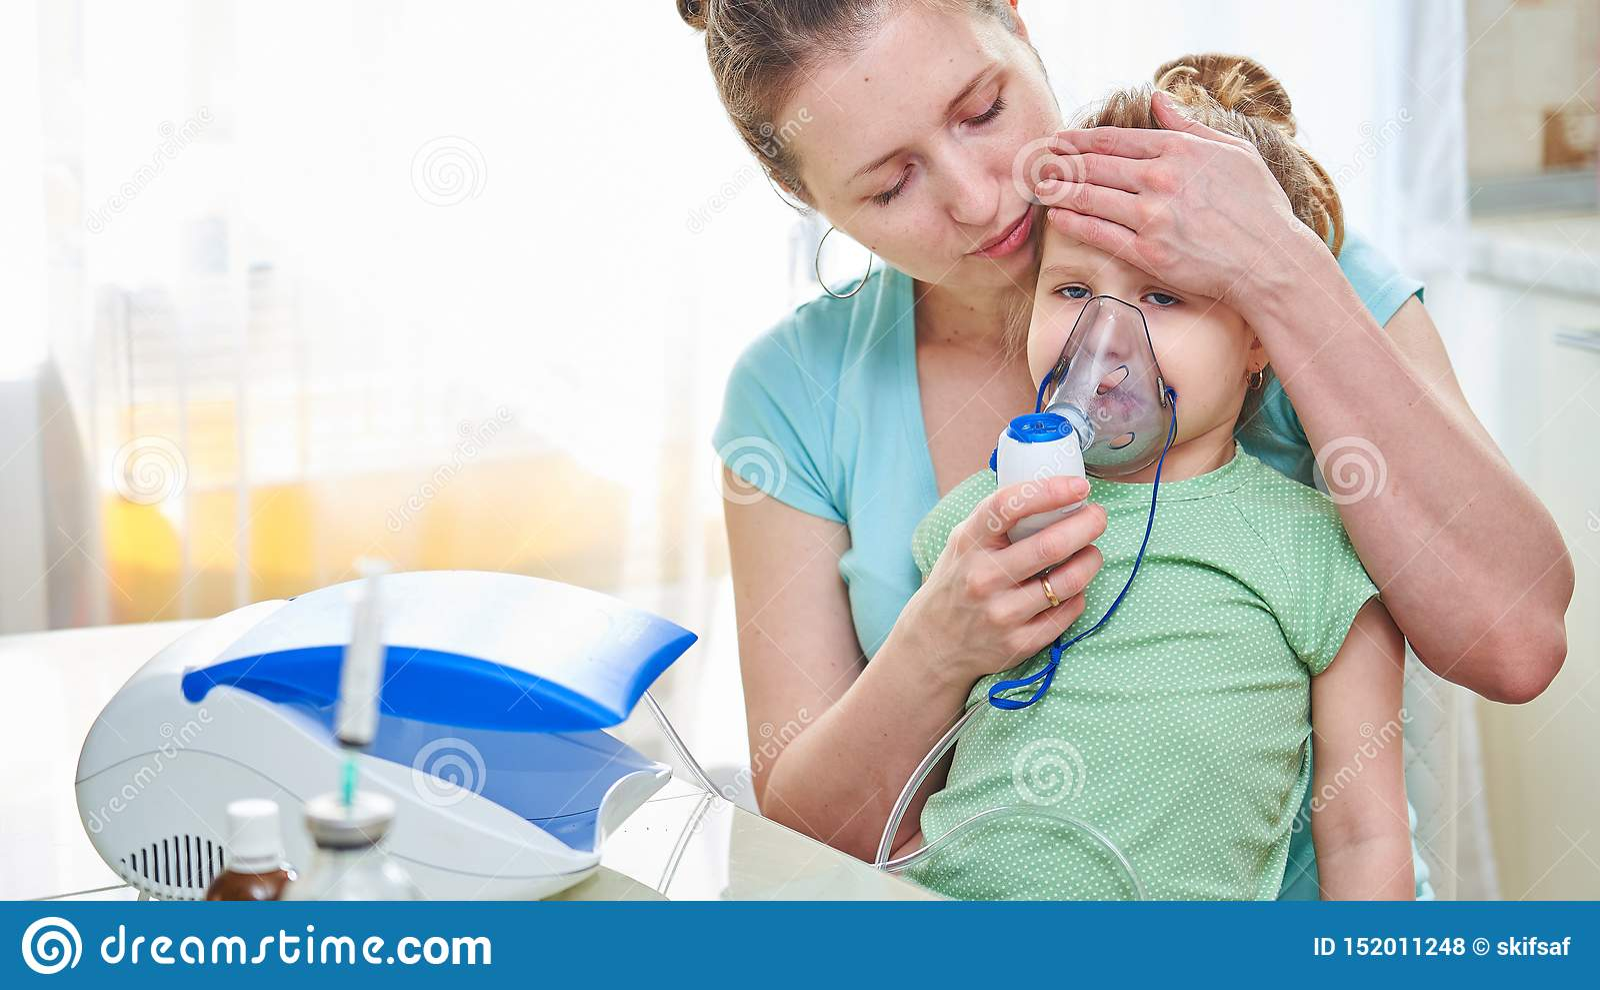 Medicina na tabela a mulher guarda a criança, verifica a temperatura aplicando uma palma à cabeça da criança Eu sinto mau